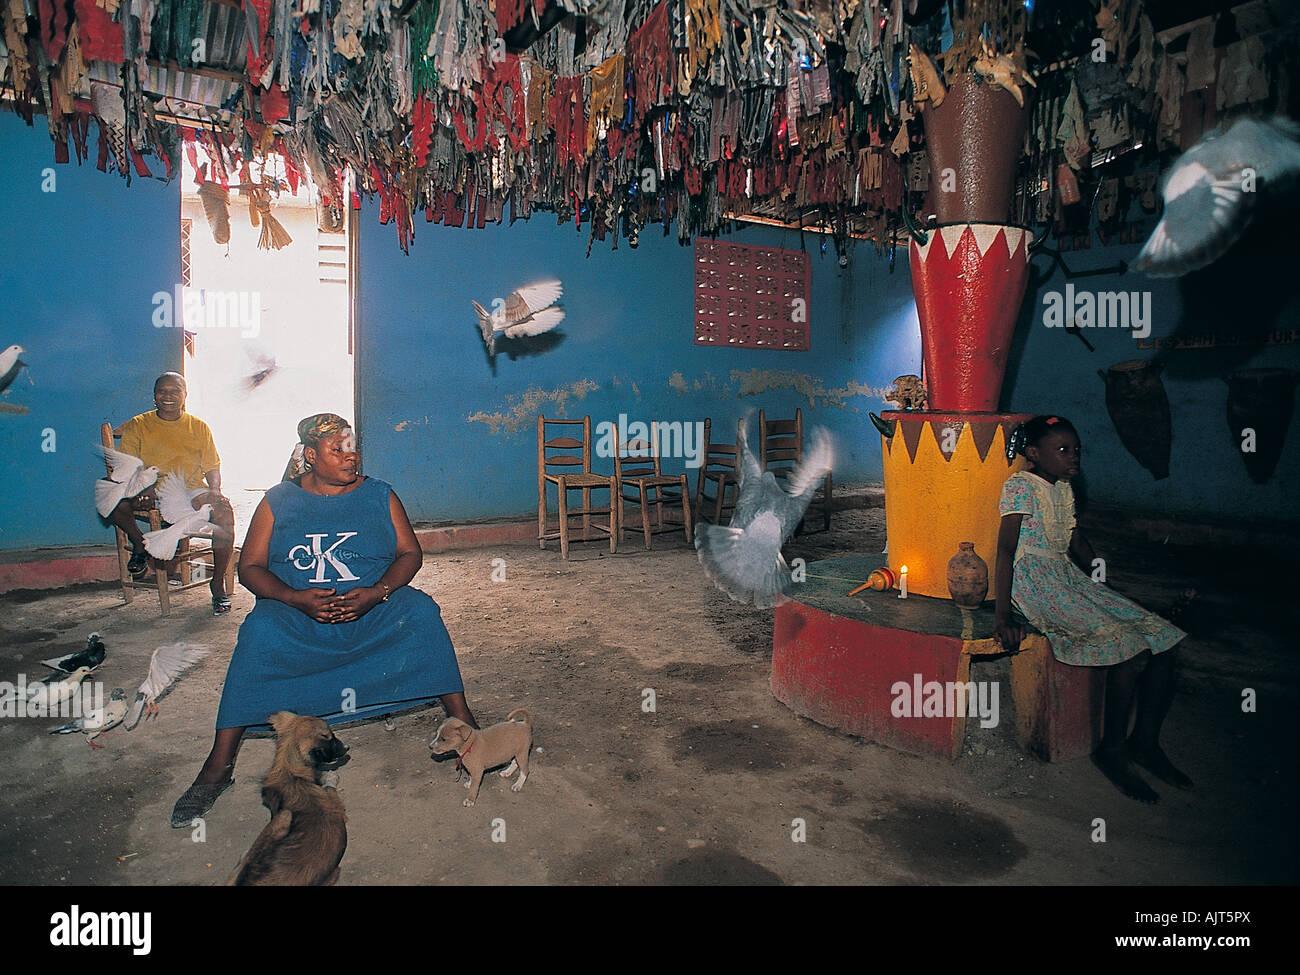 Voodoo ceremony house, Haiti. - Stock Image